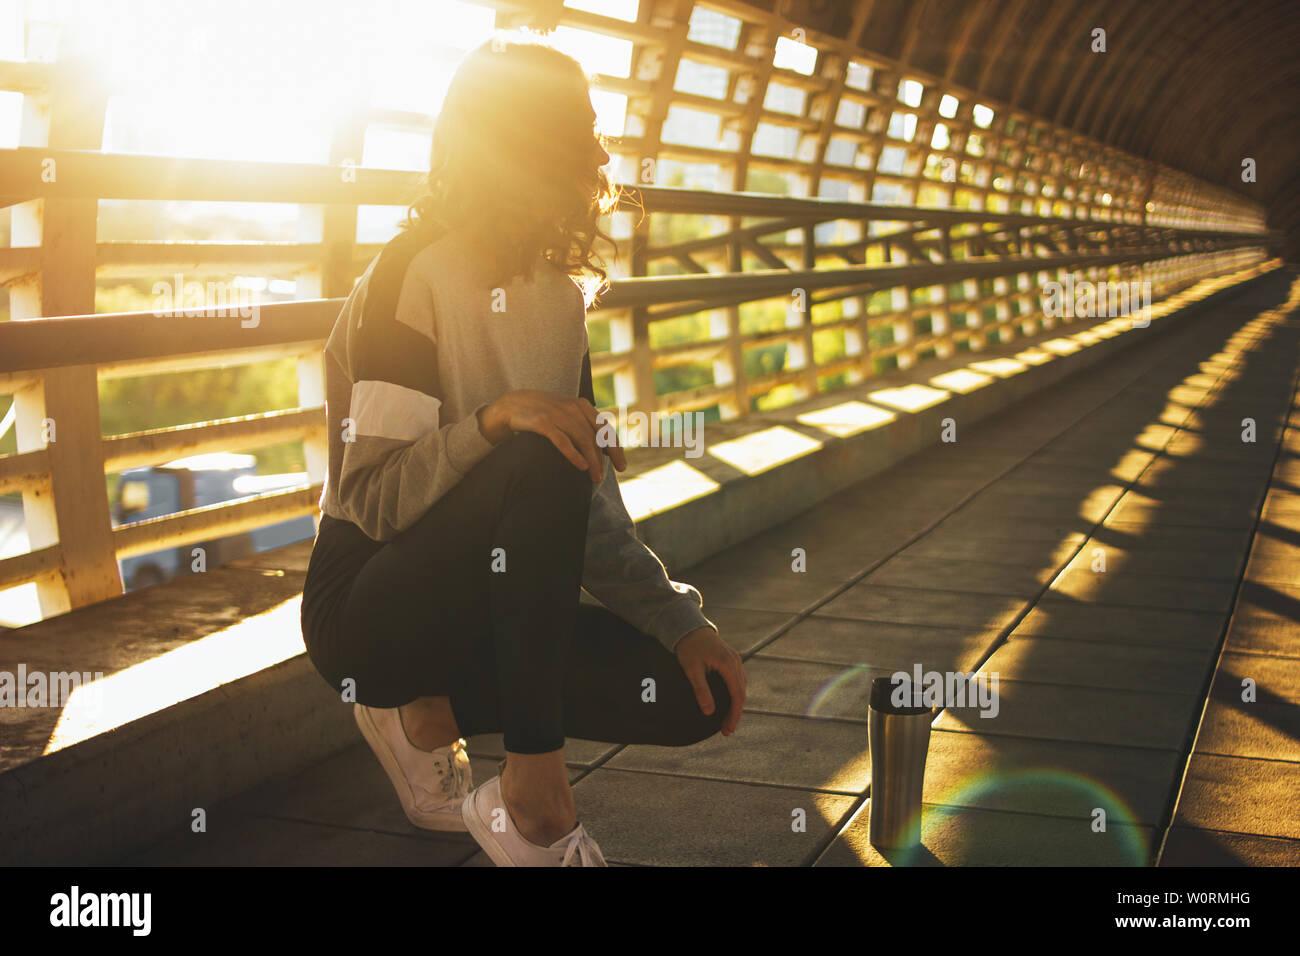 Esbelta joven morenita mujer bailarina callejera gimnasta sentarse y descansar con termo taza en la calle puente al amanecer Foto de stock